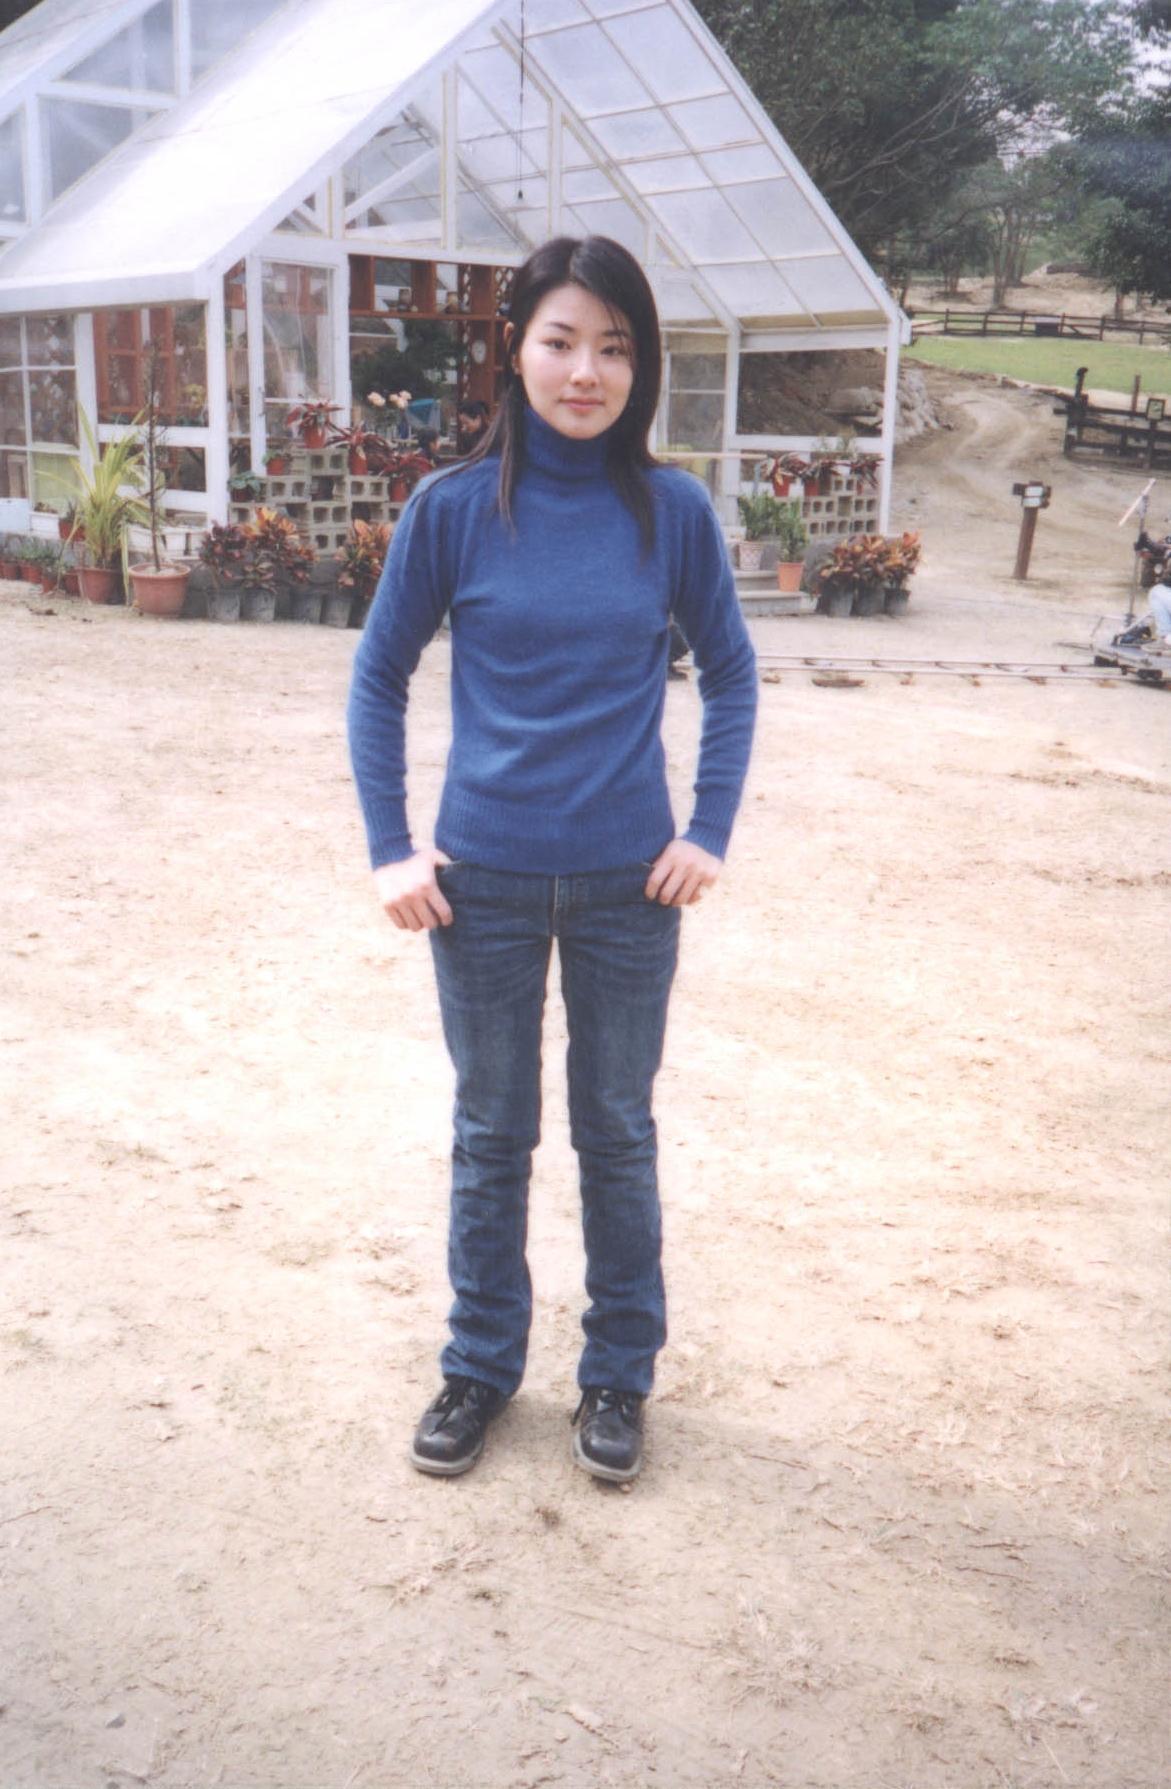 陳怡蓉當年在飛牛牧場拍攝《薰衣草》的青澀模樣。(飛牛牧場提供)